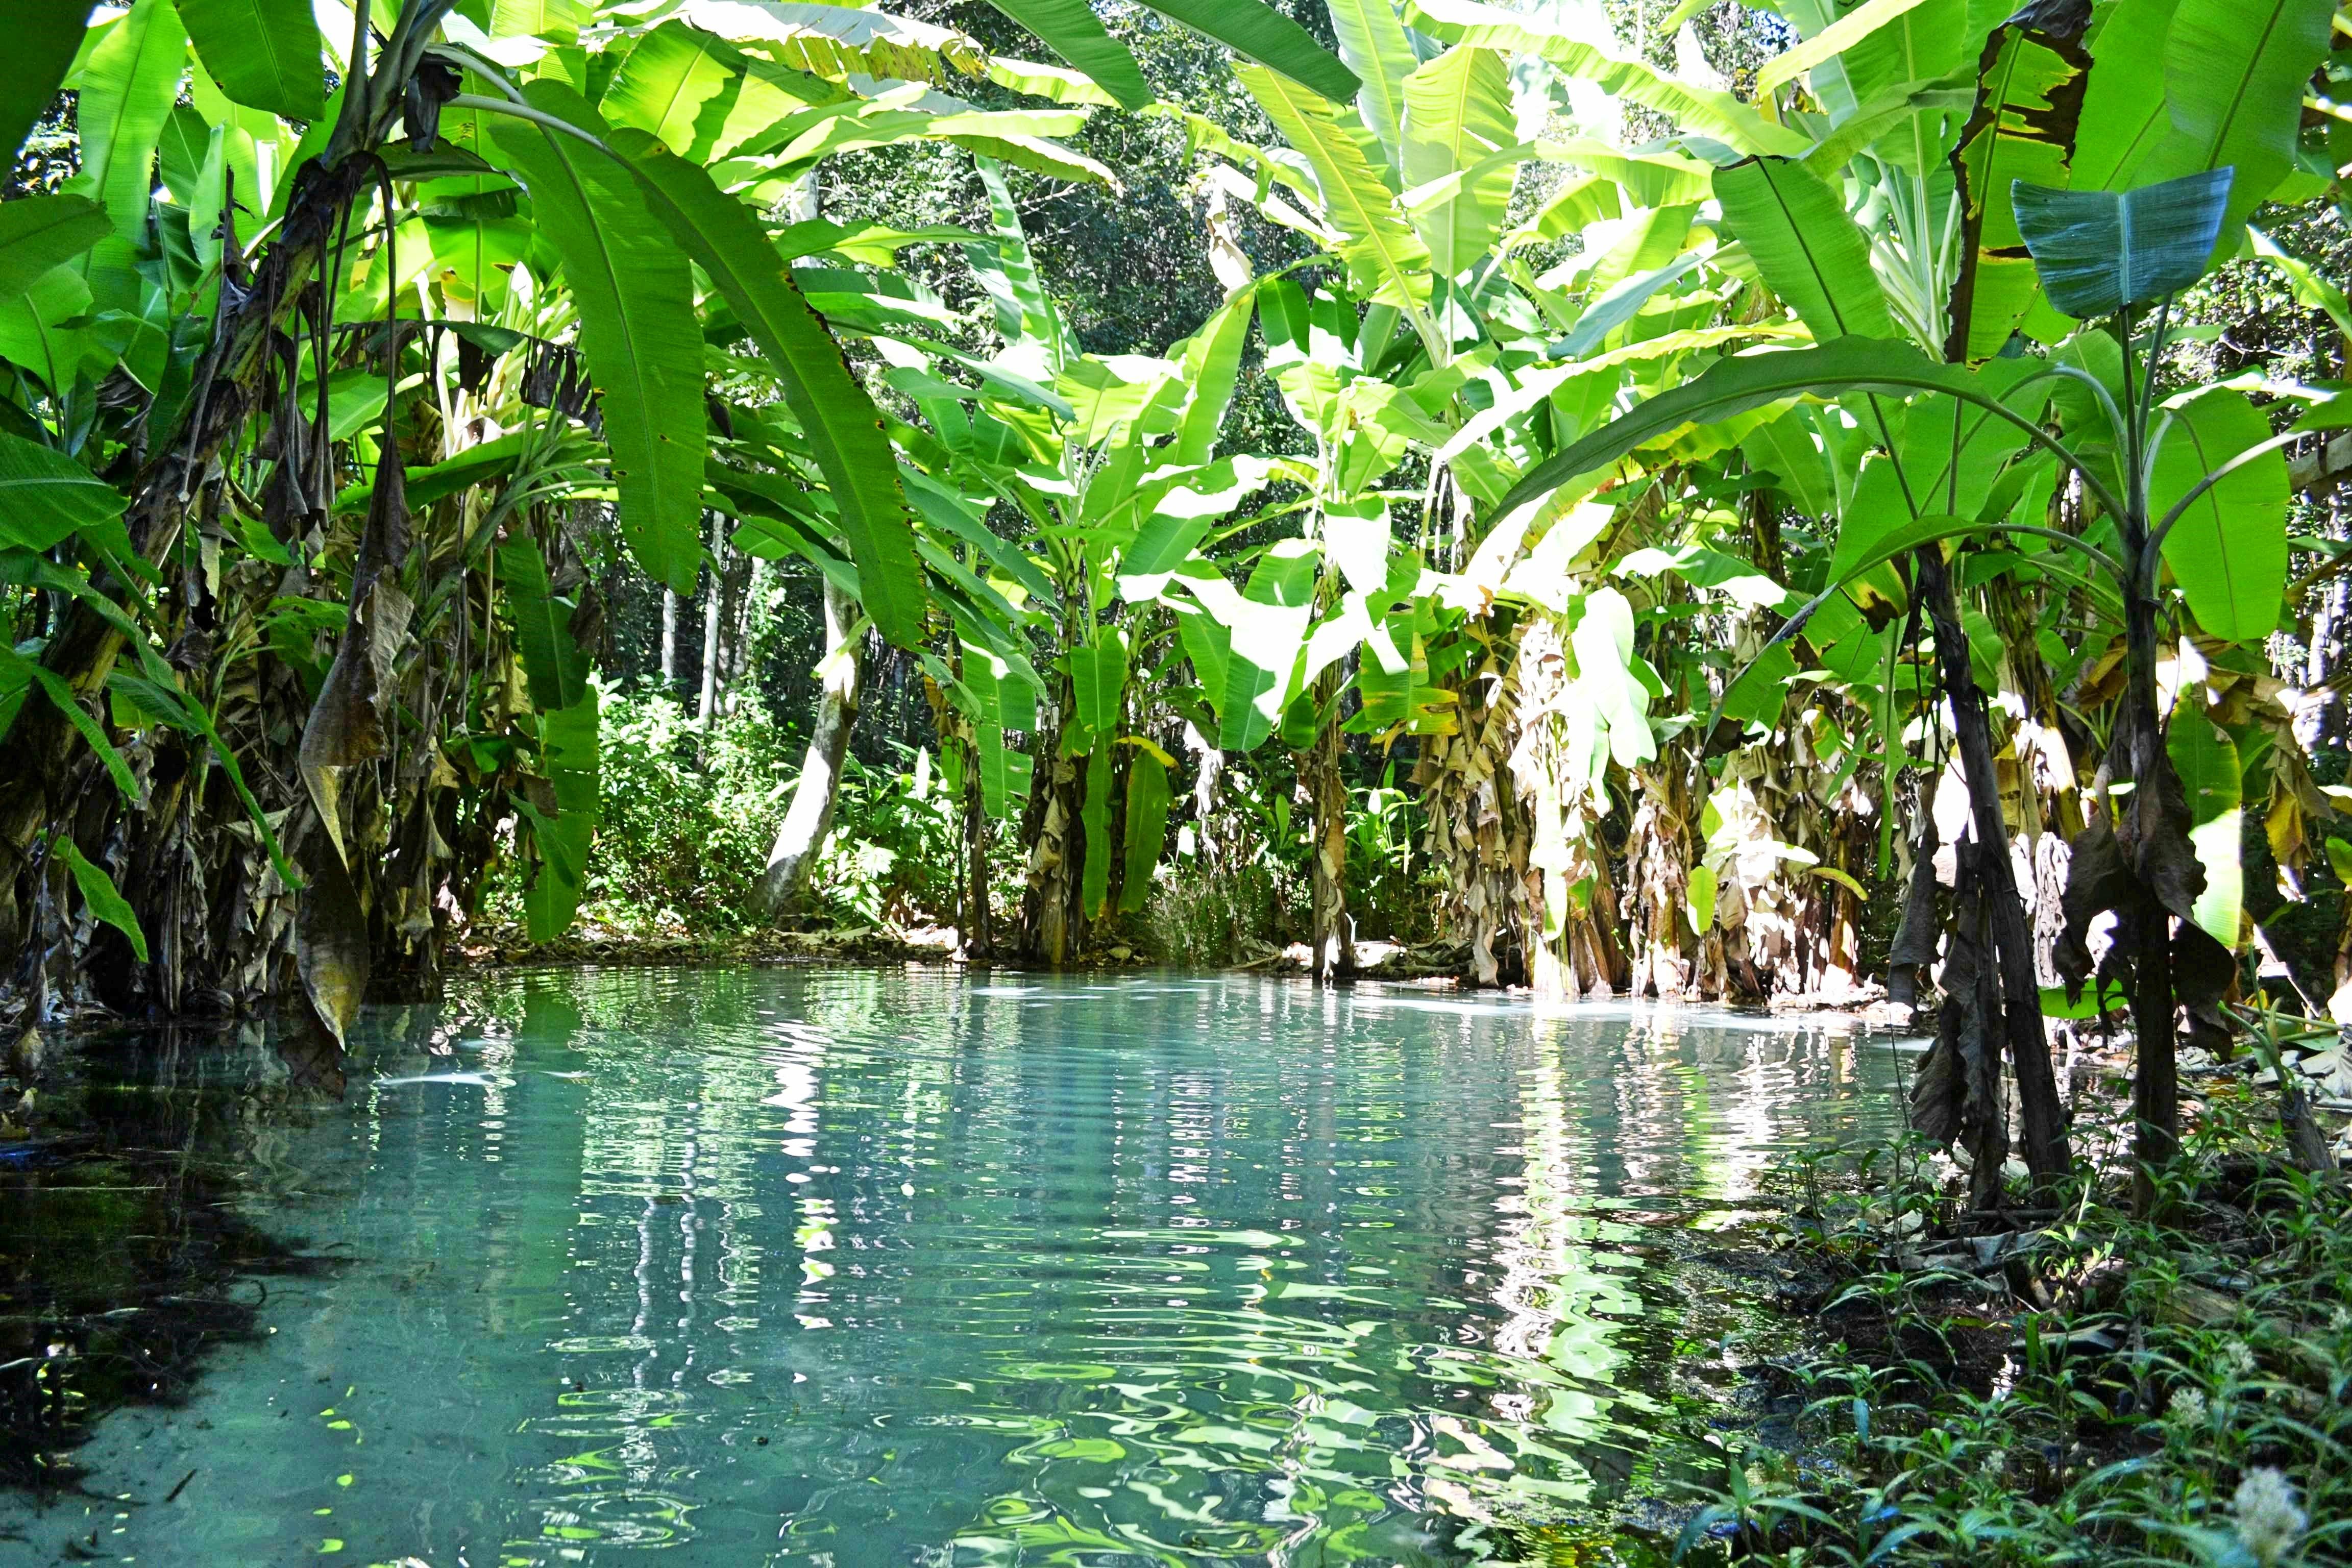 Sauvage au milieu des palmiers bananiers, un bassin d'eau turquoise transparente pour baignade de rêve